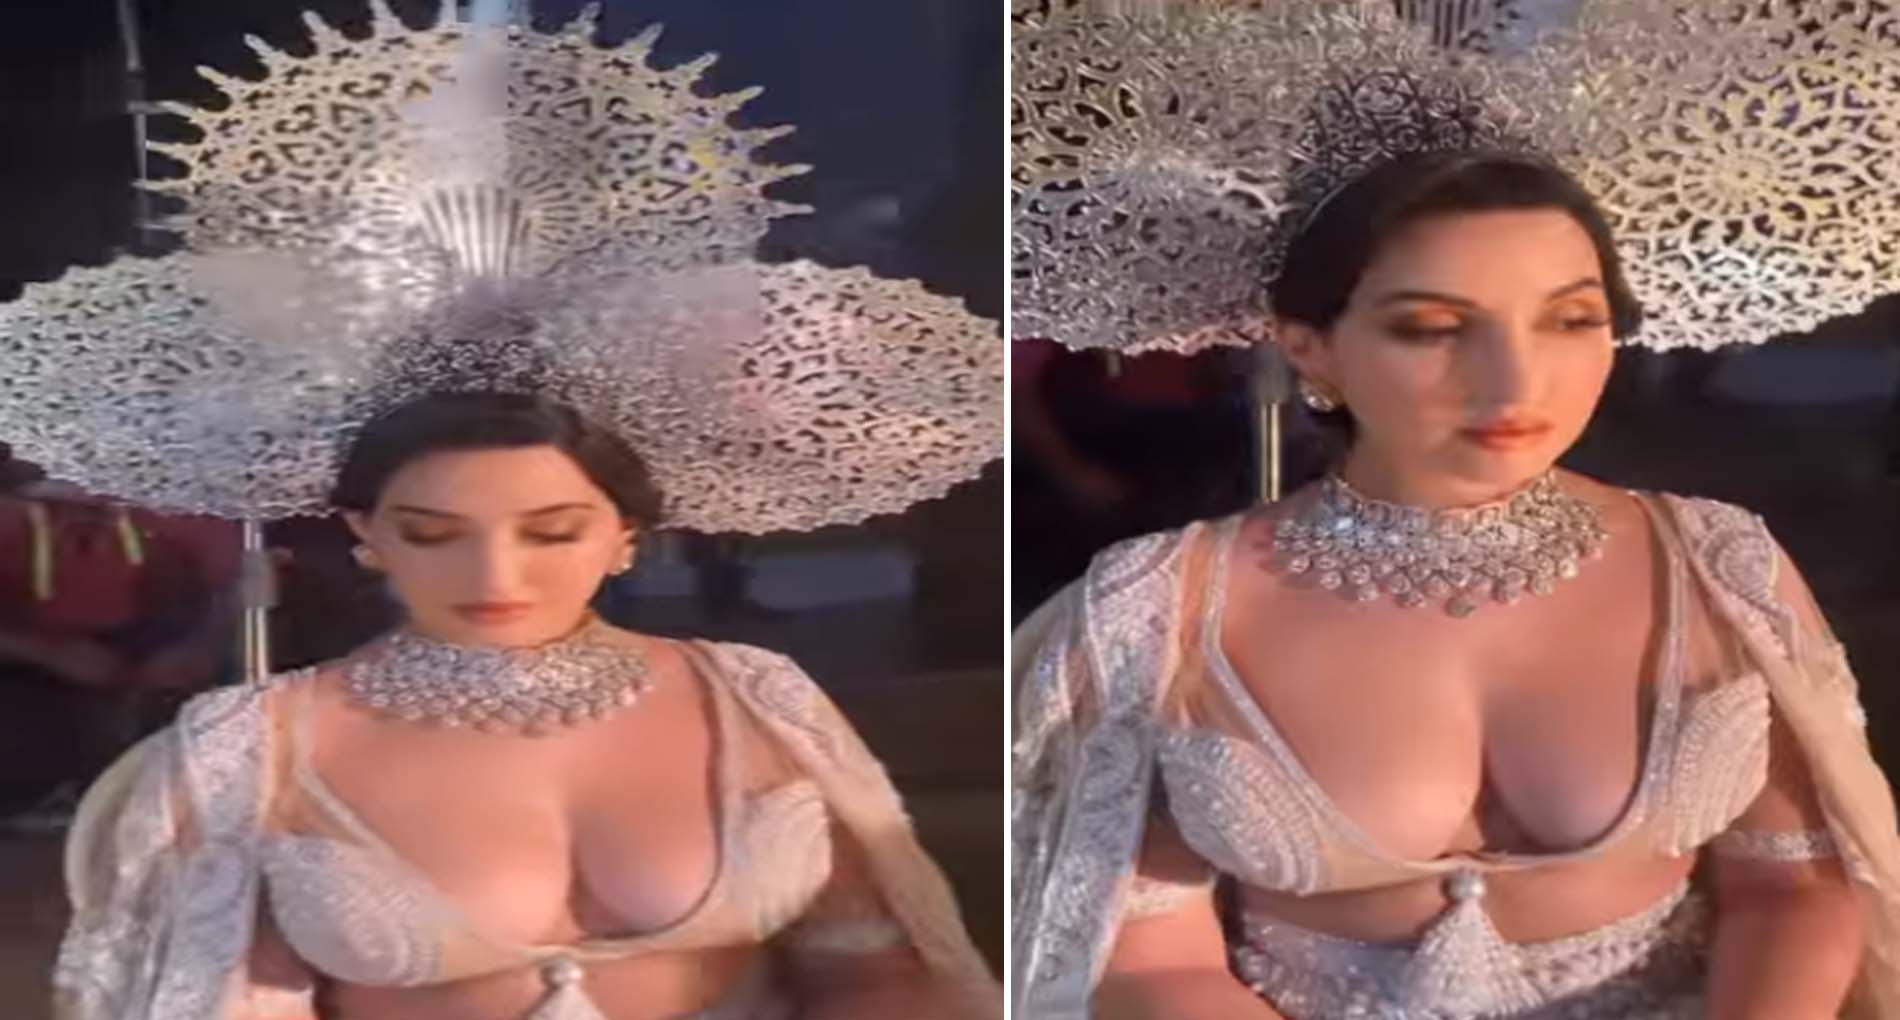 Nora fatehi latest video: मोतियों की ड्रेस और सिर पर ताज के साथ वायरल हुआ नोरा फतेही का Video